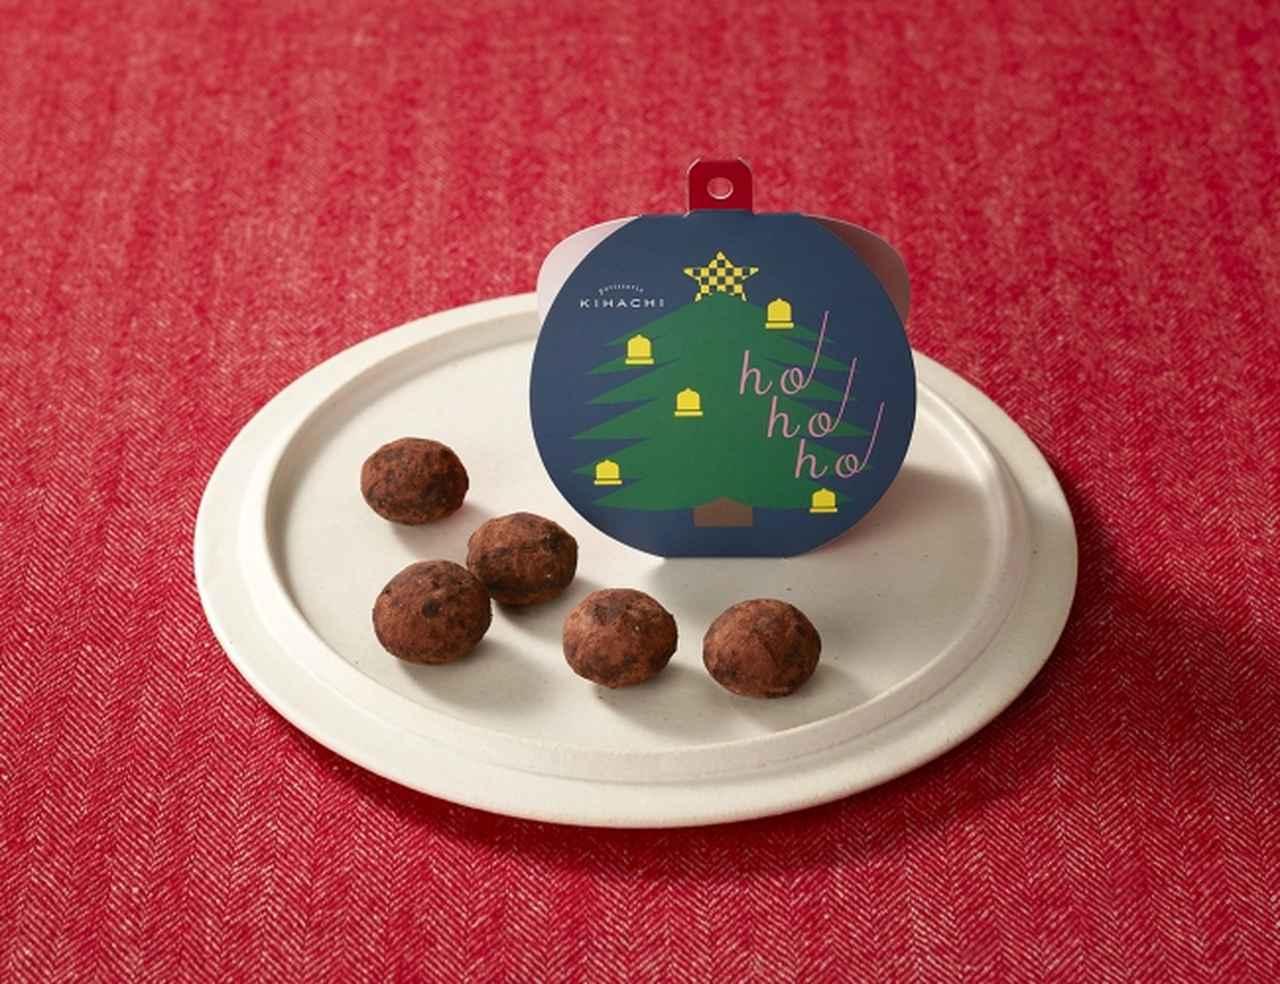 画像18: 【パティスリー キハチ】2019 クリスマスケーキ、限定ポーチに入った伝統菓子「シュトーレン」など可愛いクリスマスギフトも発売